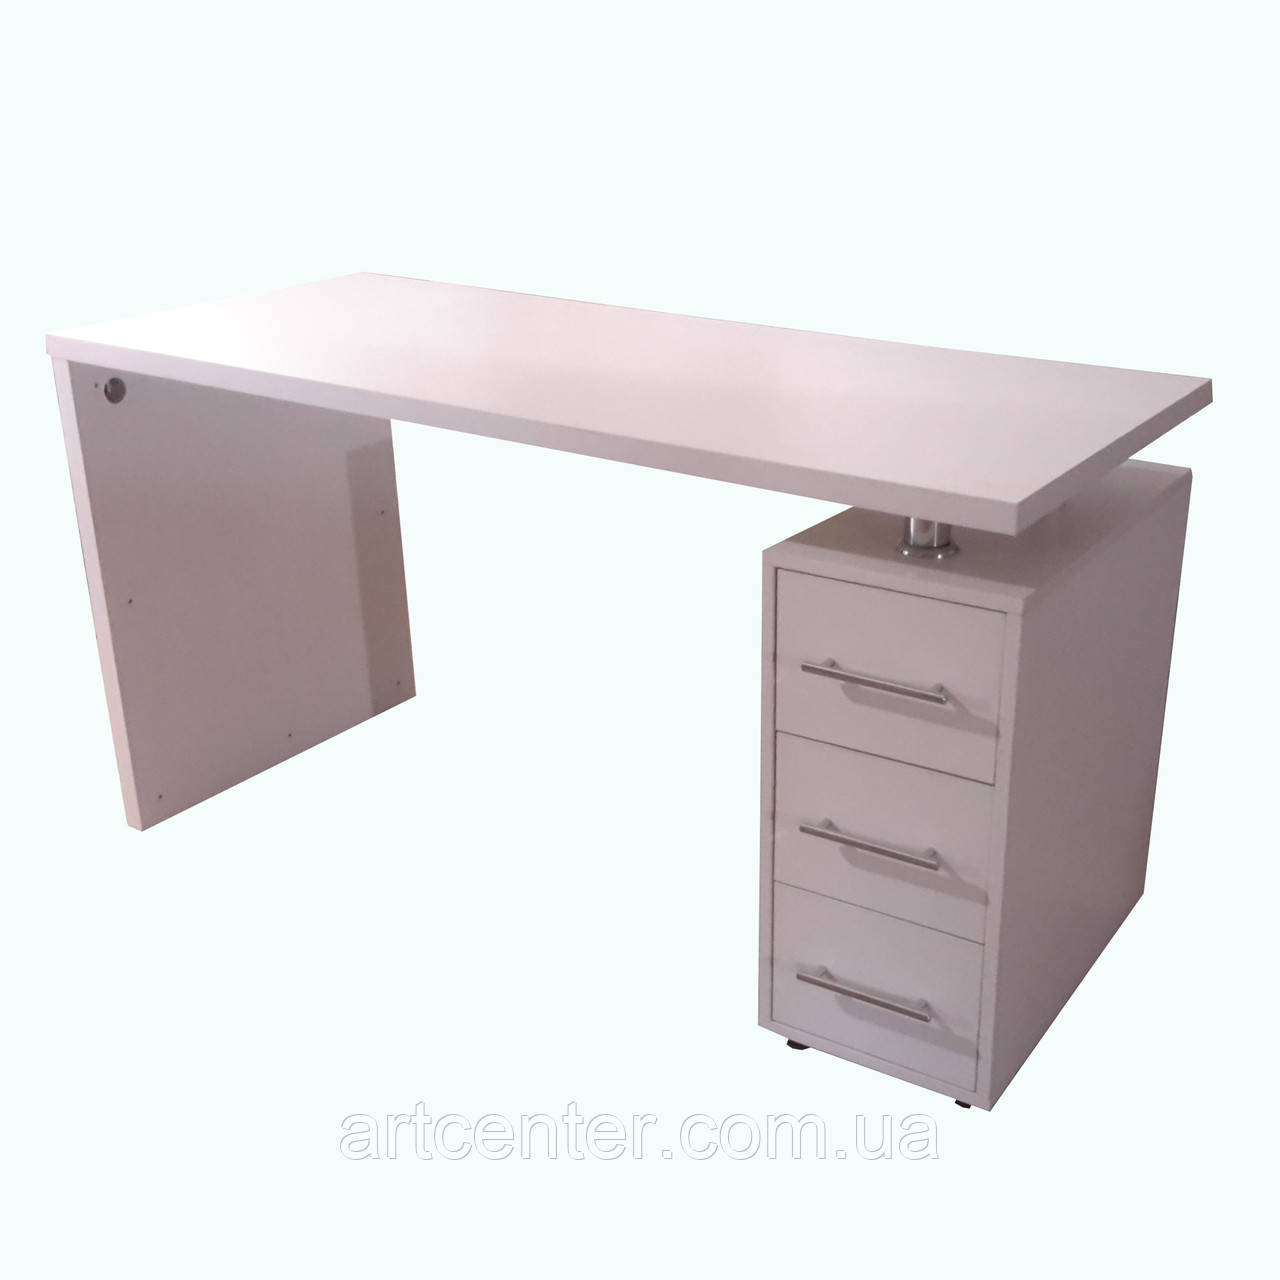 Стіл для манікюру з ящиками, манікюрний стіл білий